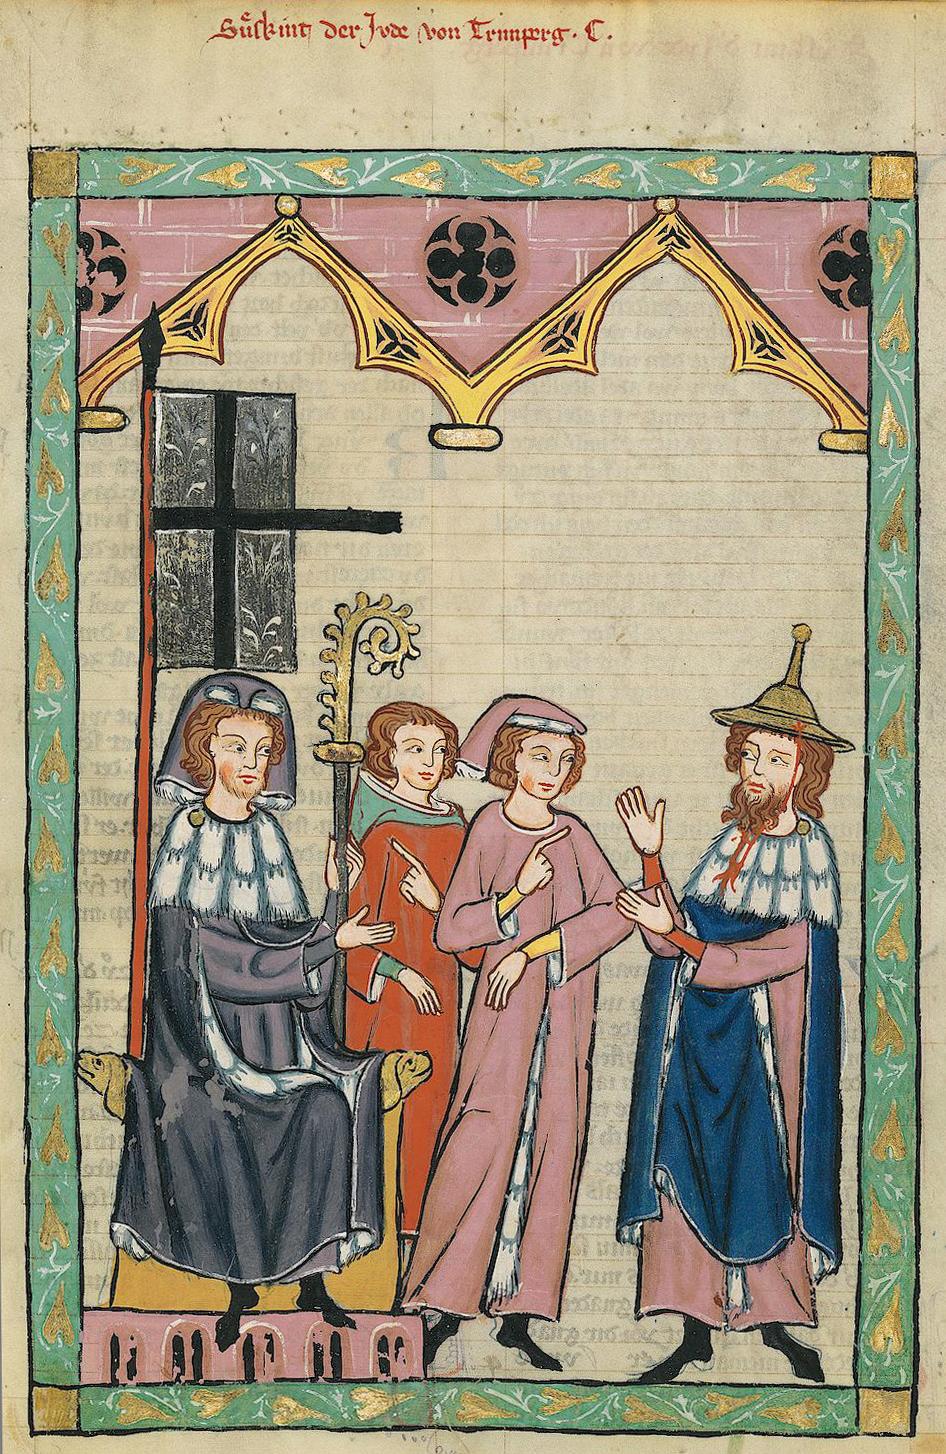 <p>Illustrasjon fra sang- og diktsamlingen <em>Codex Manesse</em>, som utkom i Sveits på 1300-tallet. På bildet er den jødiske dikteren Süßkind von Trimberg ikledd en såkalt «jødehatt»</p>